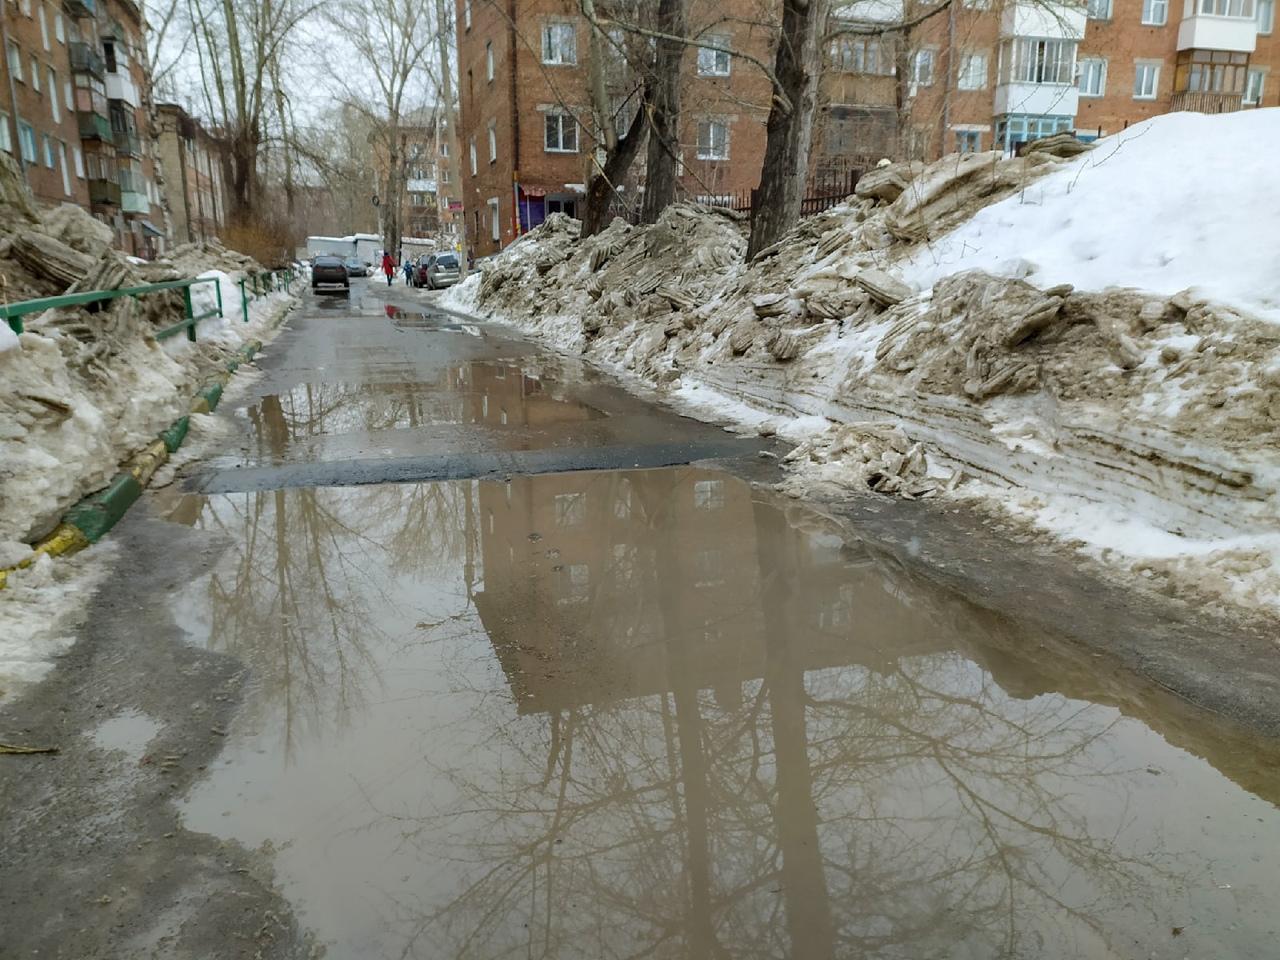 Фото Грязная весна в Новосибирске: 10 ужасающих фото улиц и дворов города 8